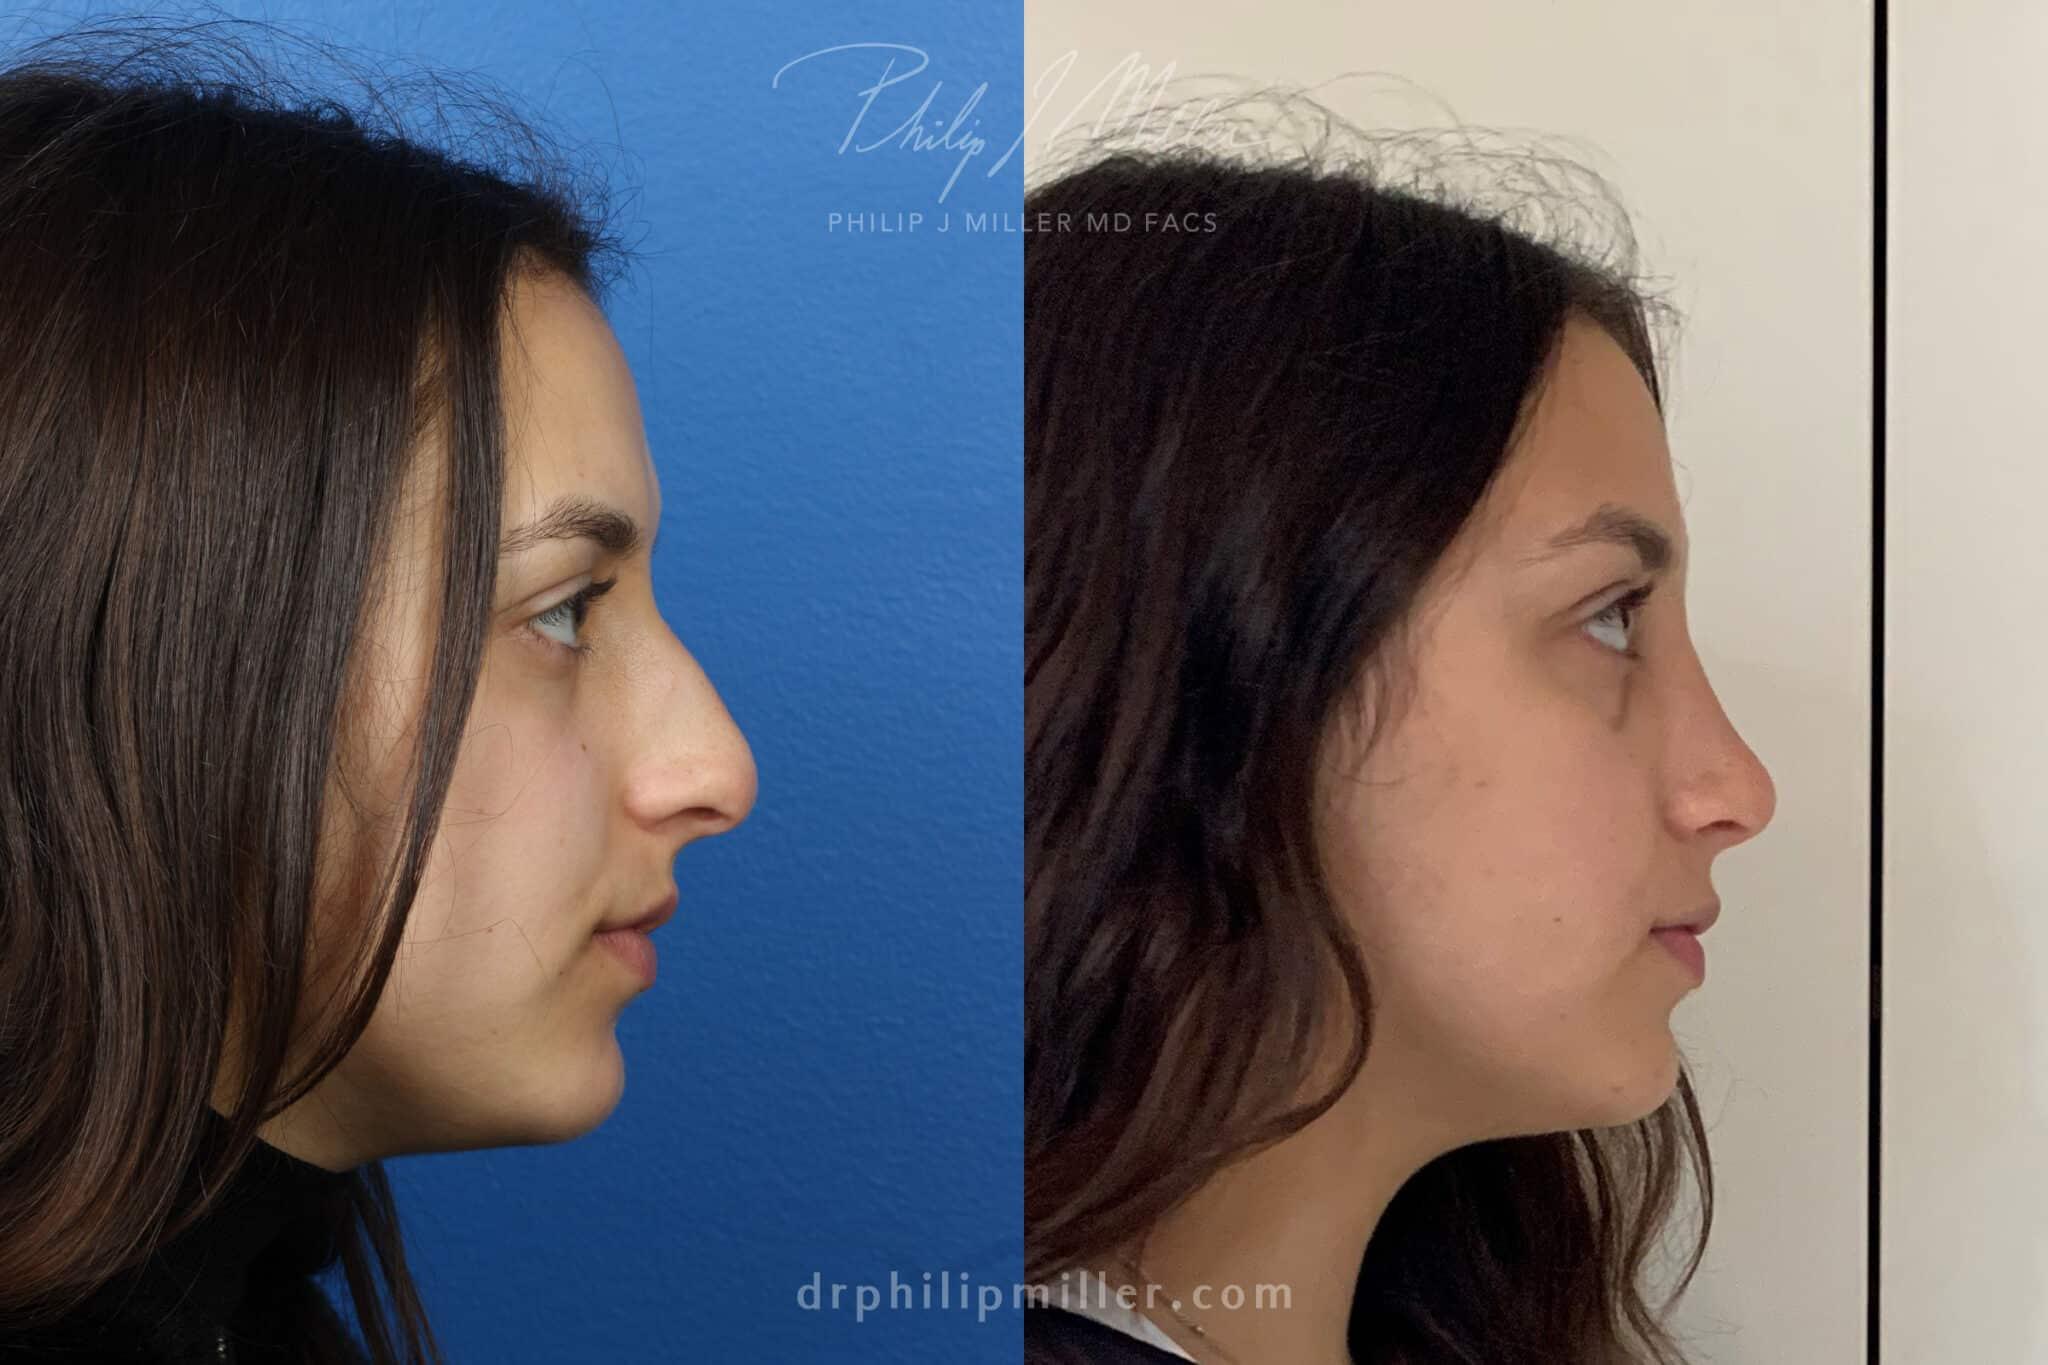 Rhinoplasty to straighten bridge and refine nasal tip by Dr. Miller